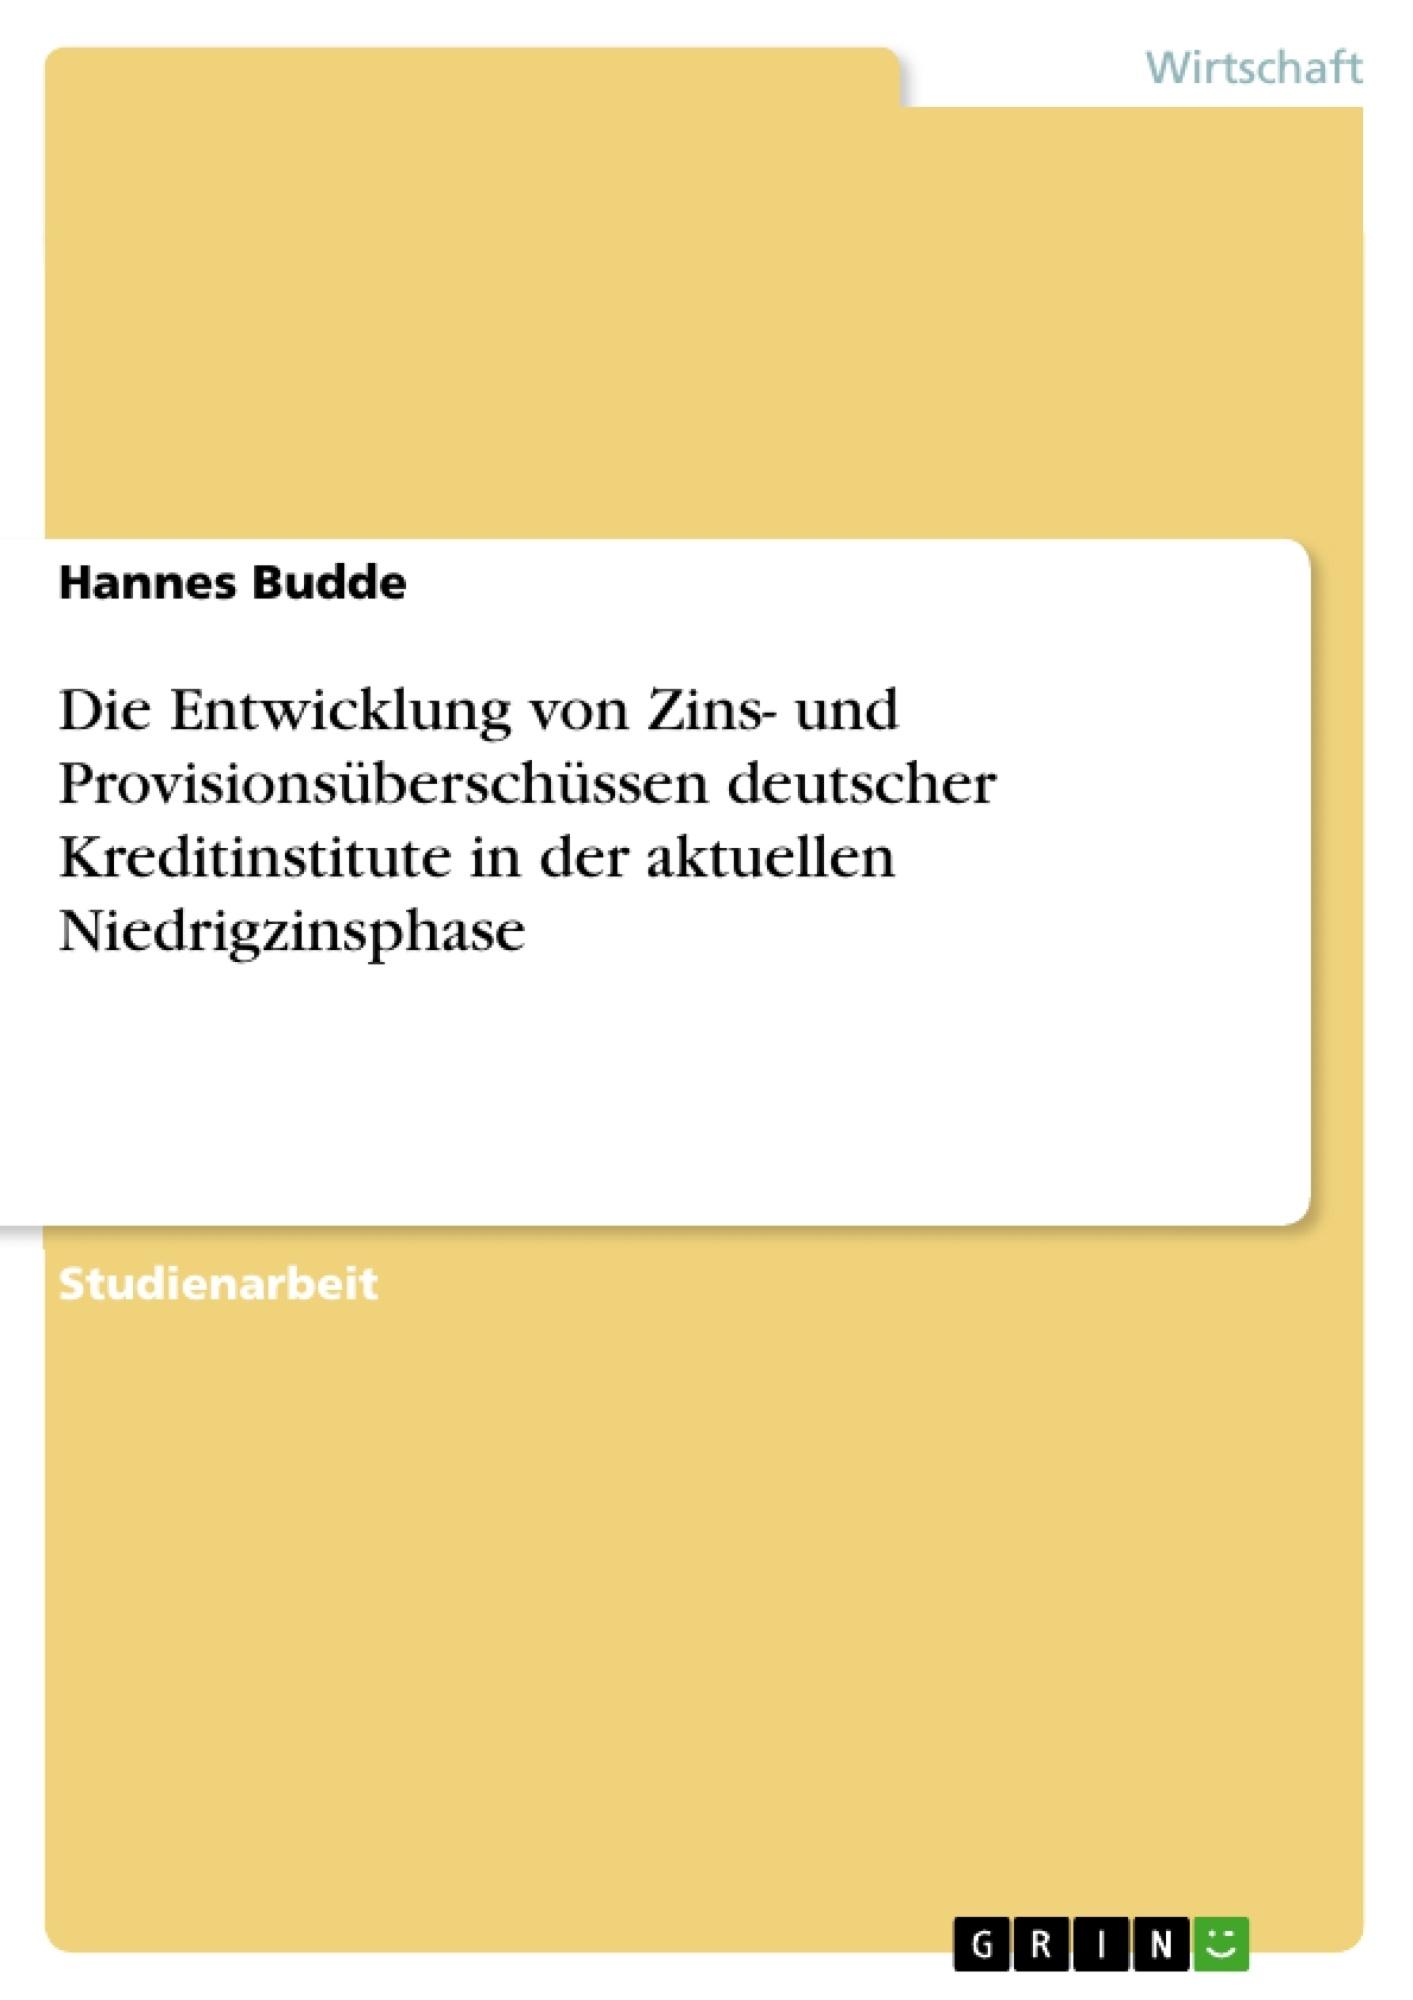 Titel: Die Entwicklung von Zins- und Provisionsüberschüssen deutscher Kreditinstitute in der aktuellen Niedrigzinsphase